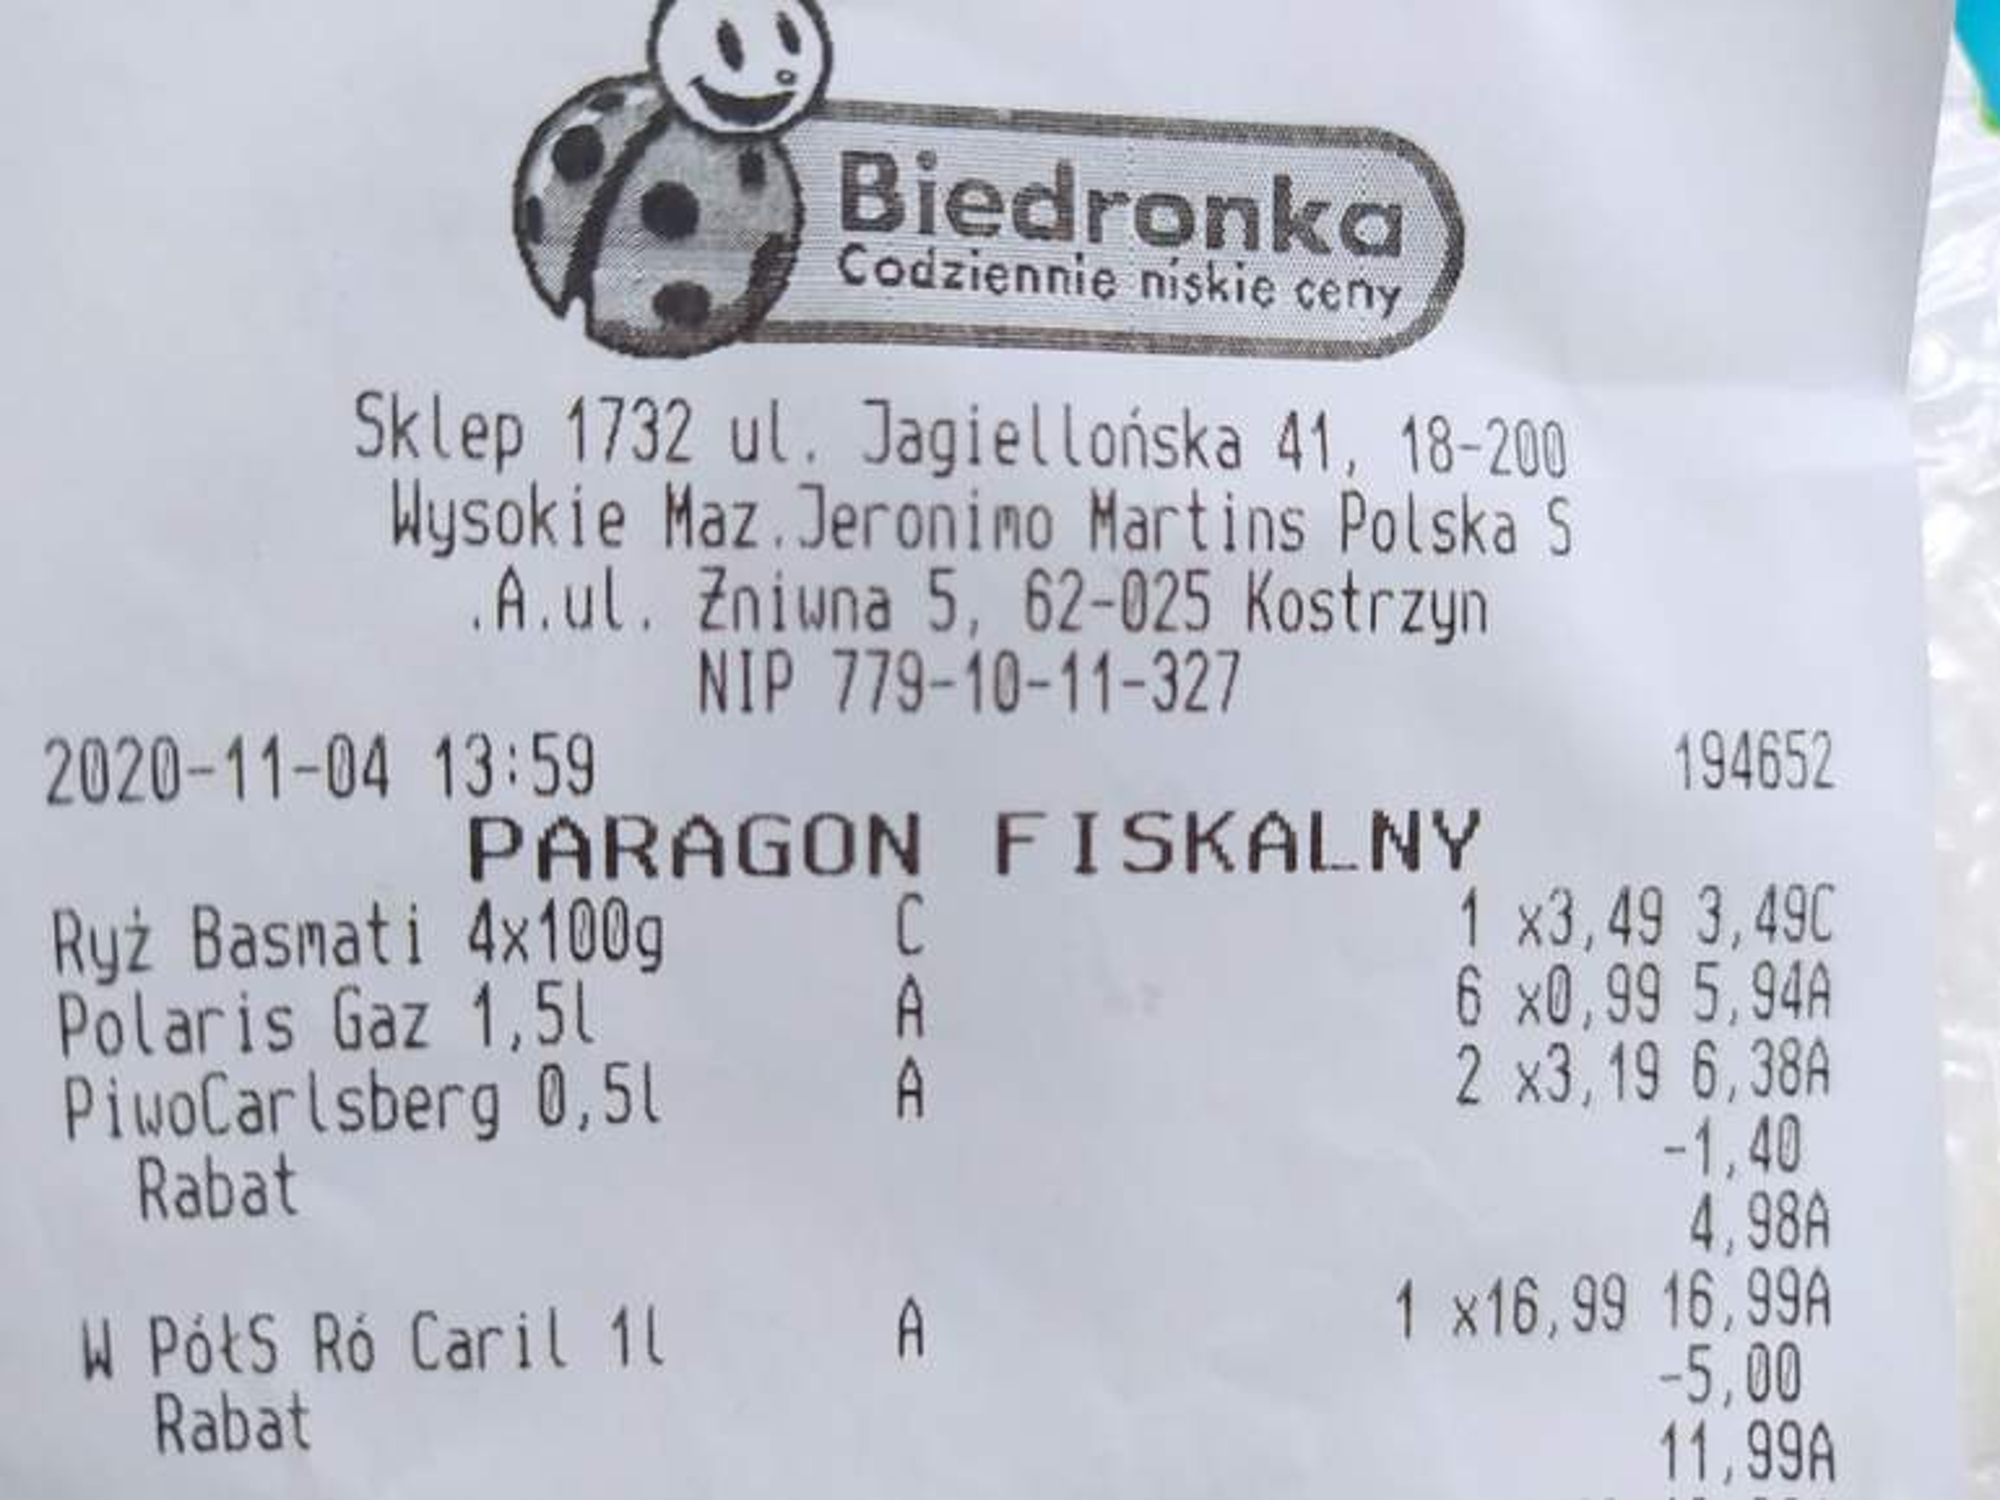 316613.jpg